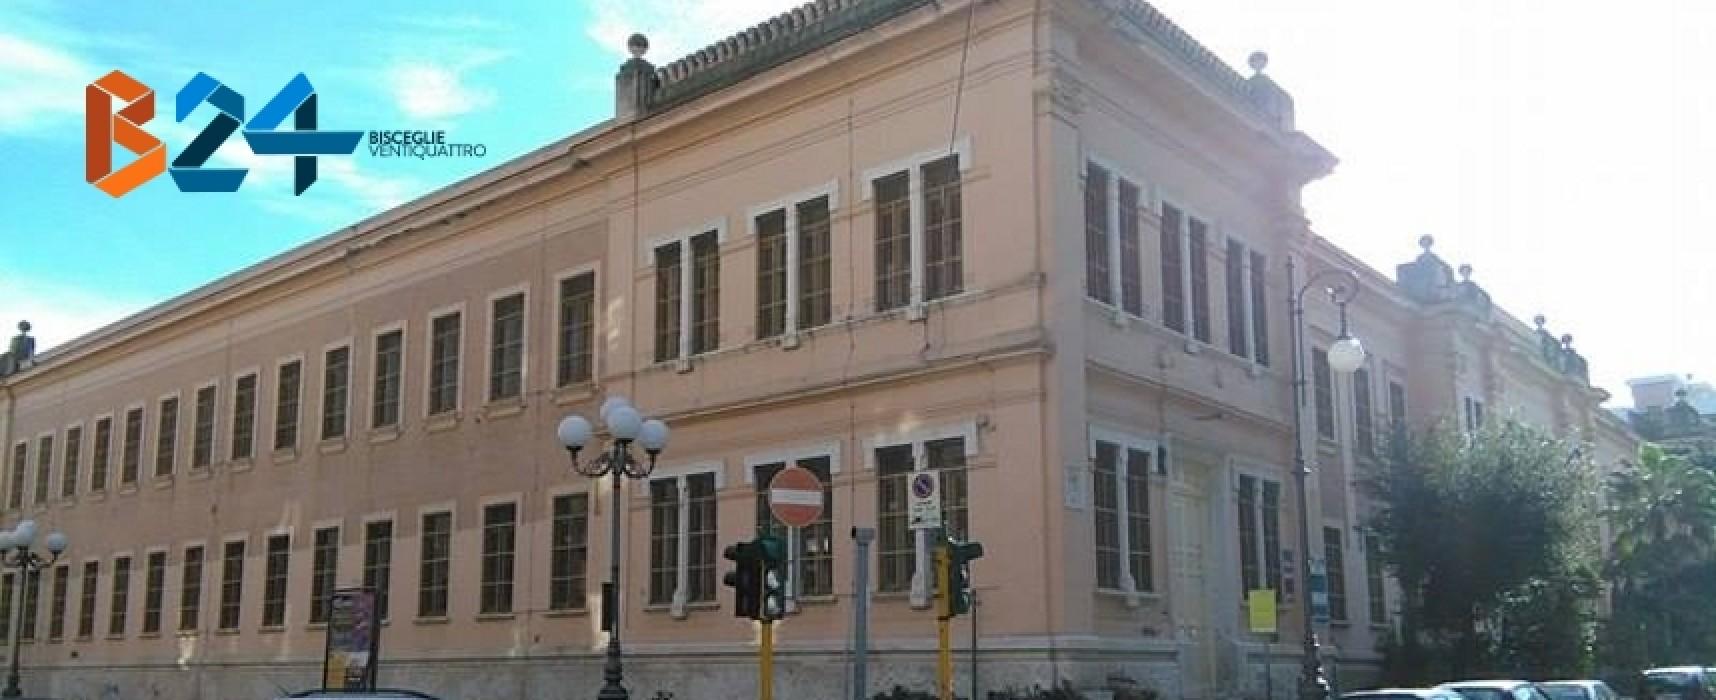 Madonna Addolorata, disposta la chiusura delle scuole cittadine / DETTAGLI